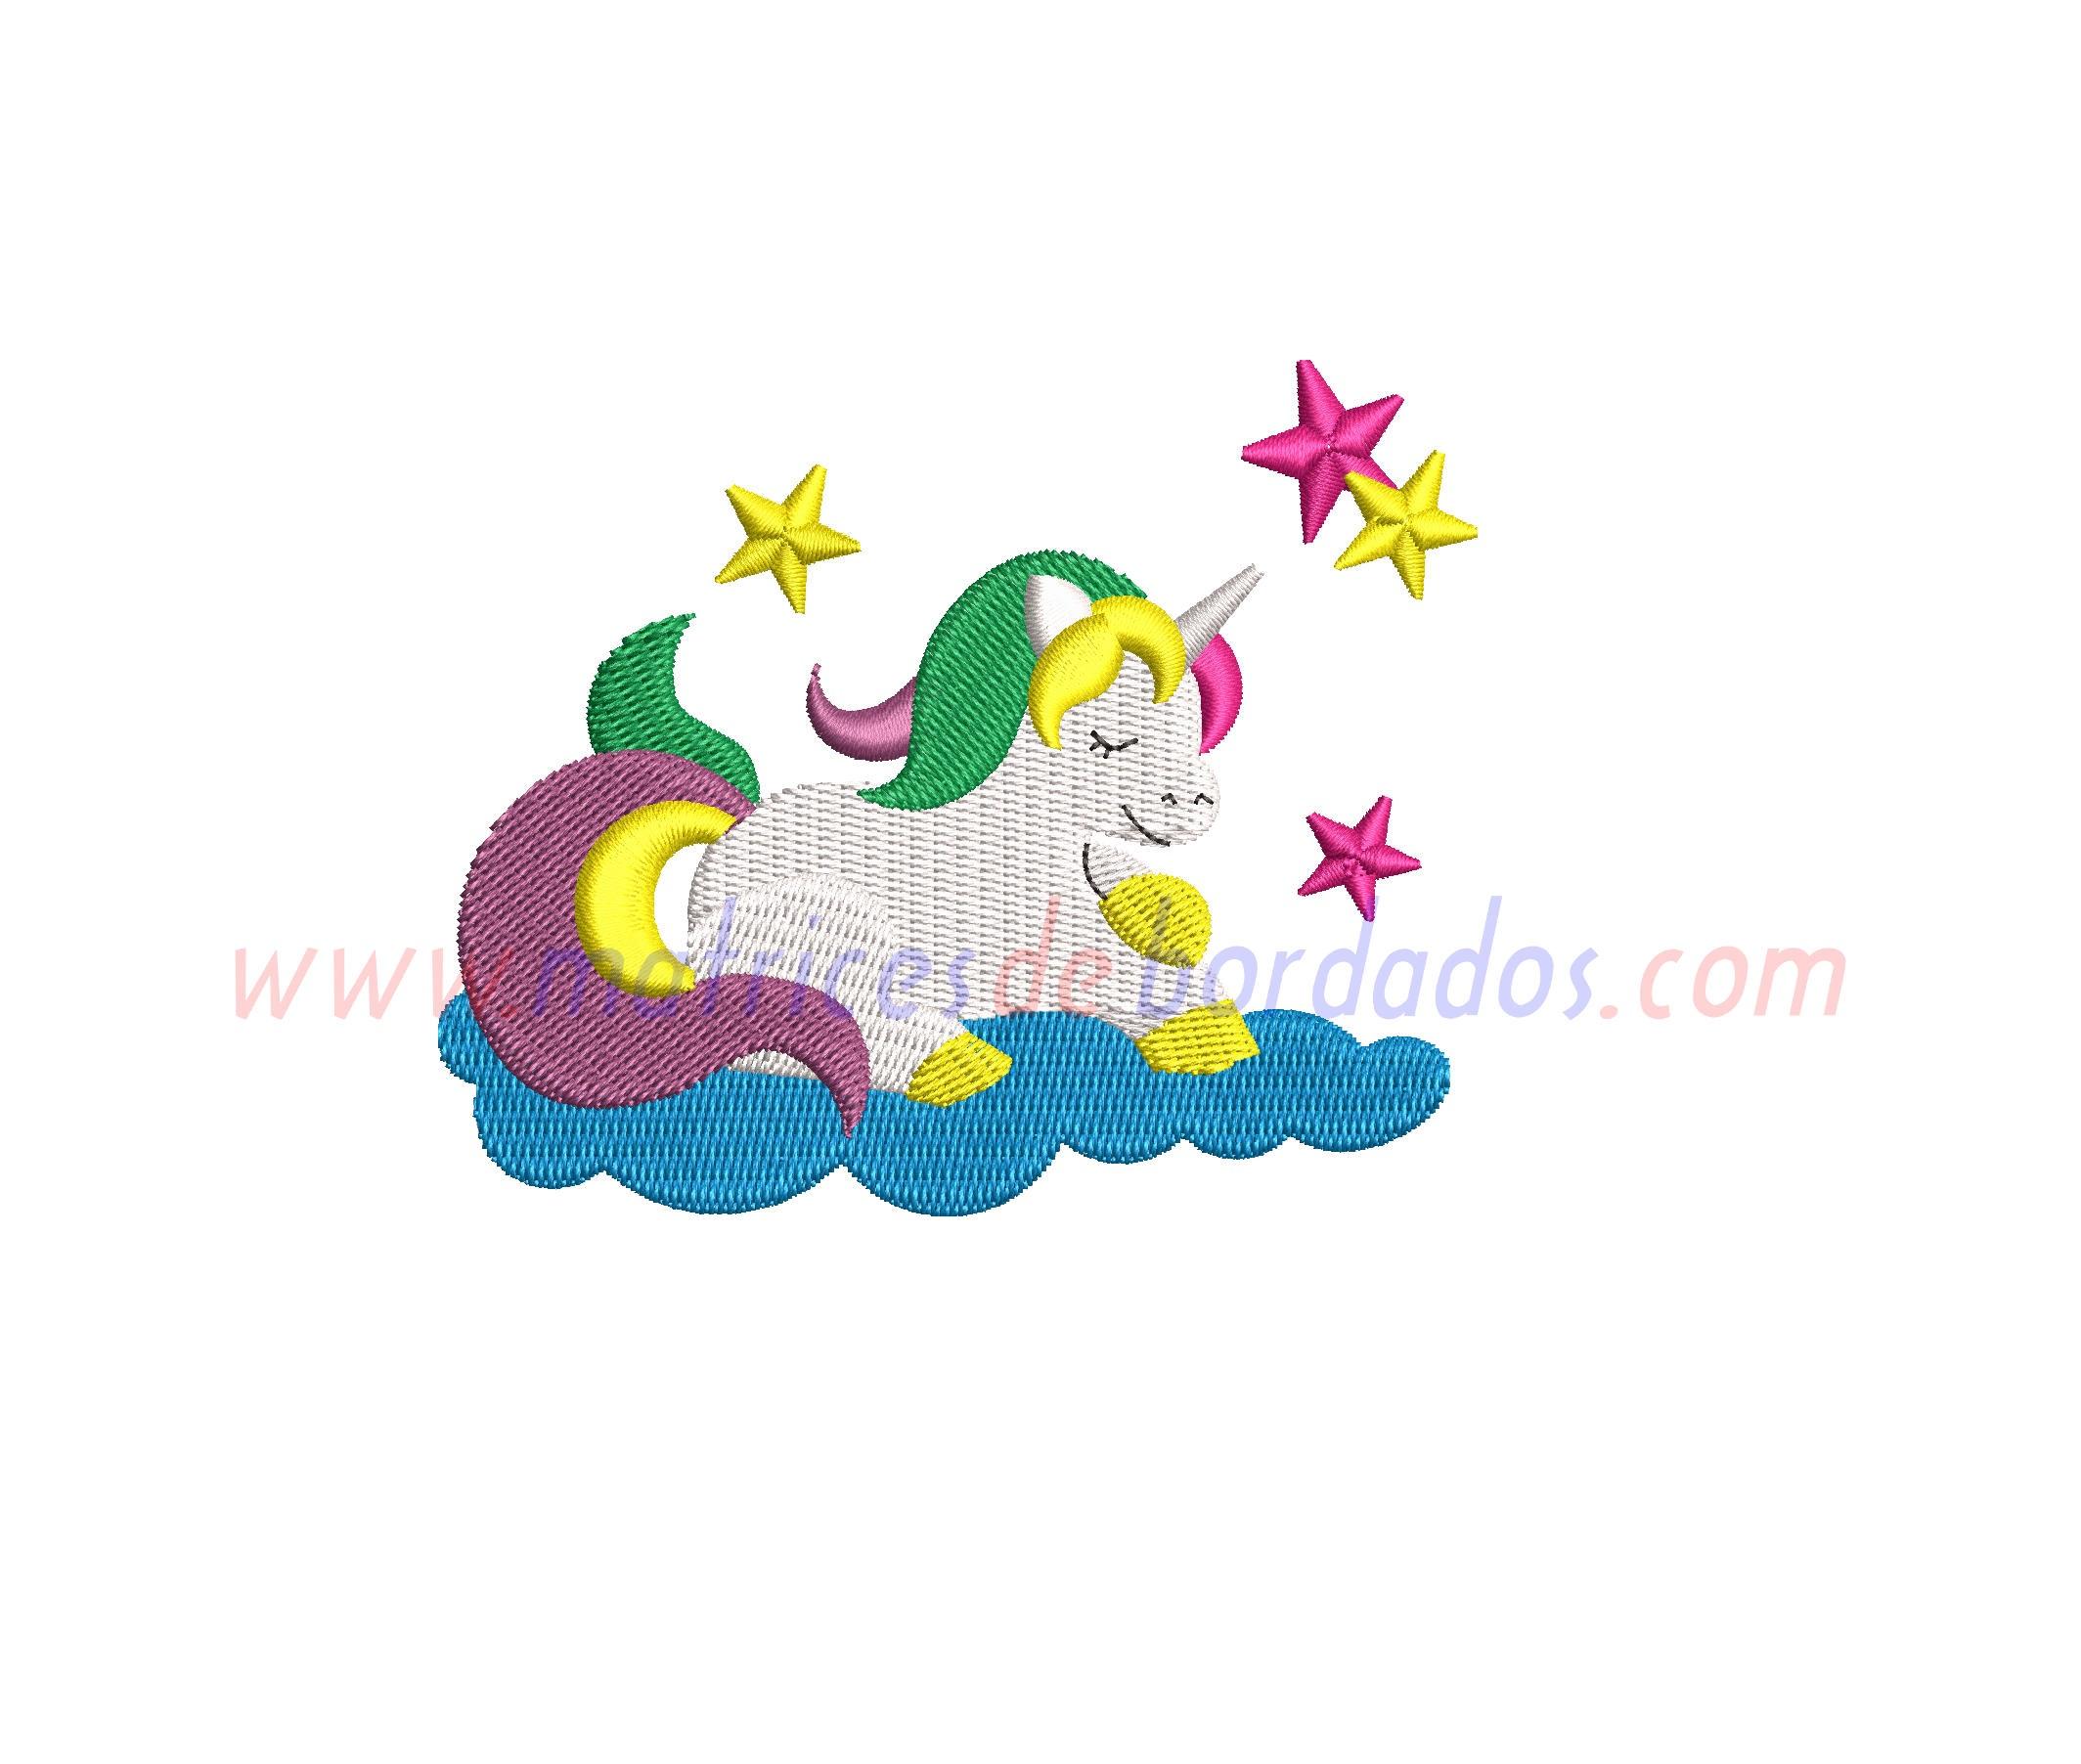 KK82CX - Unicornio en nubes